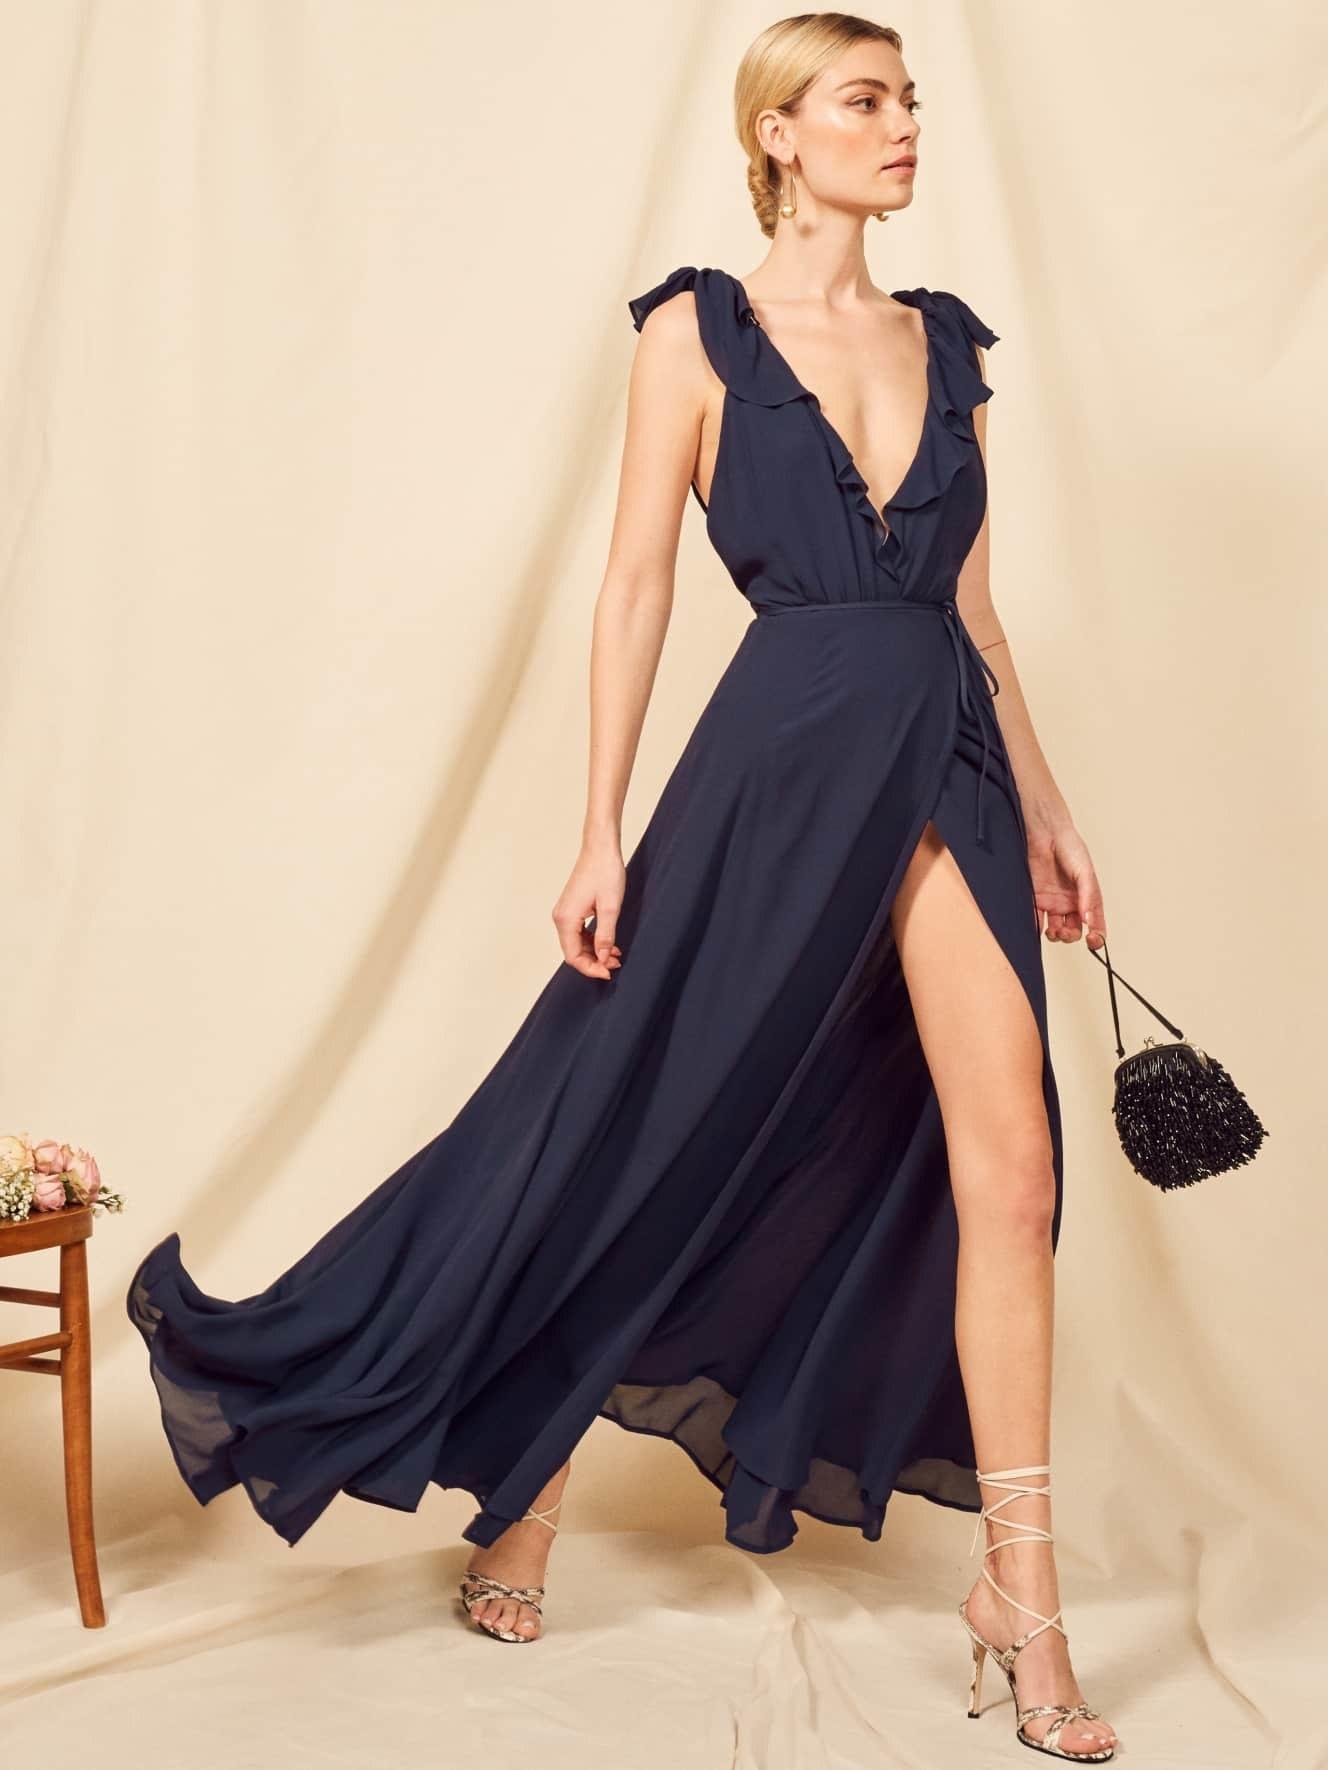 model wearing a navy blue dress